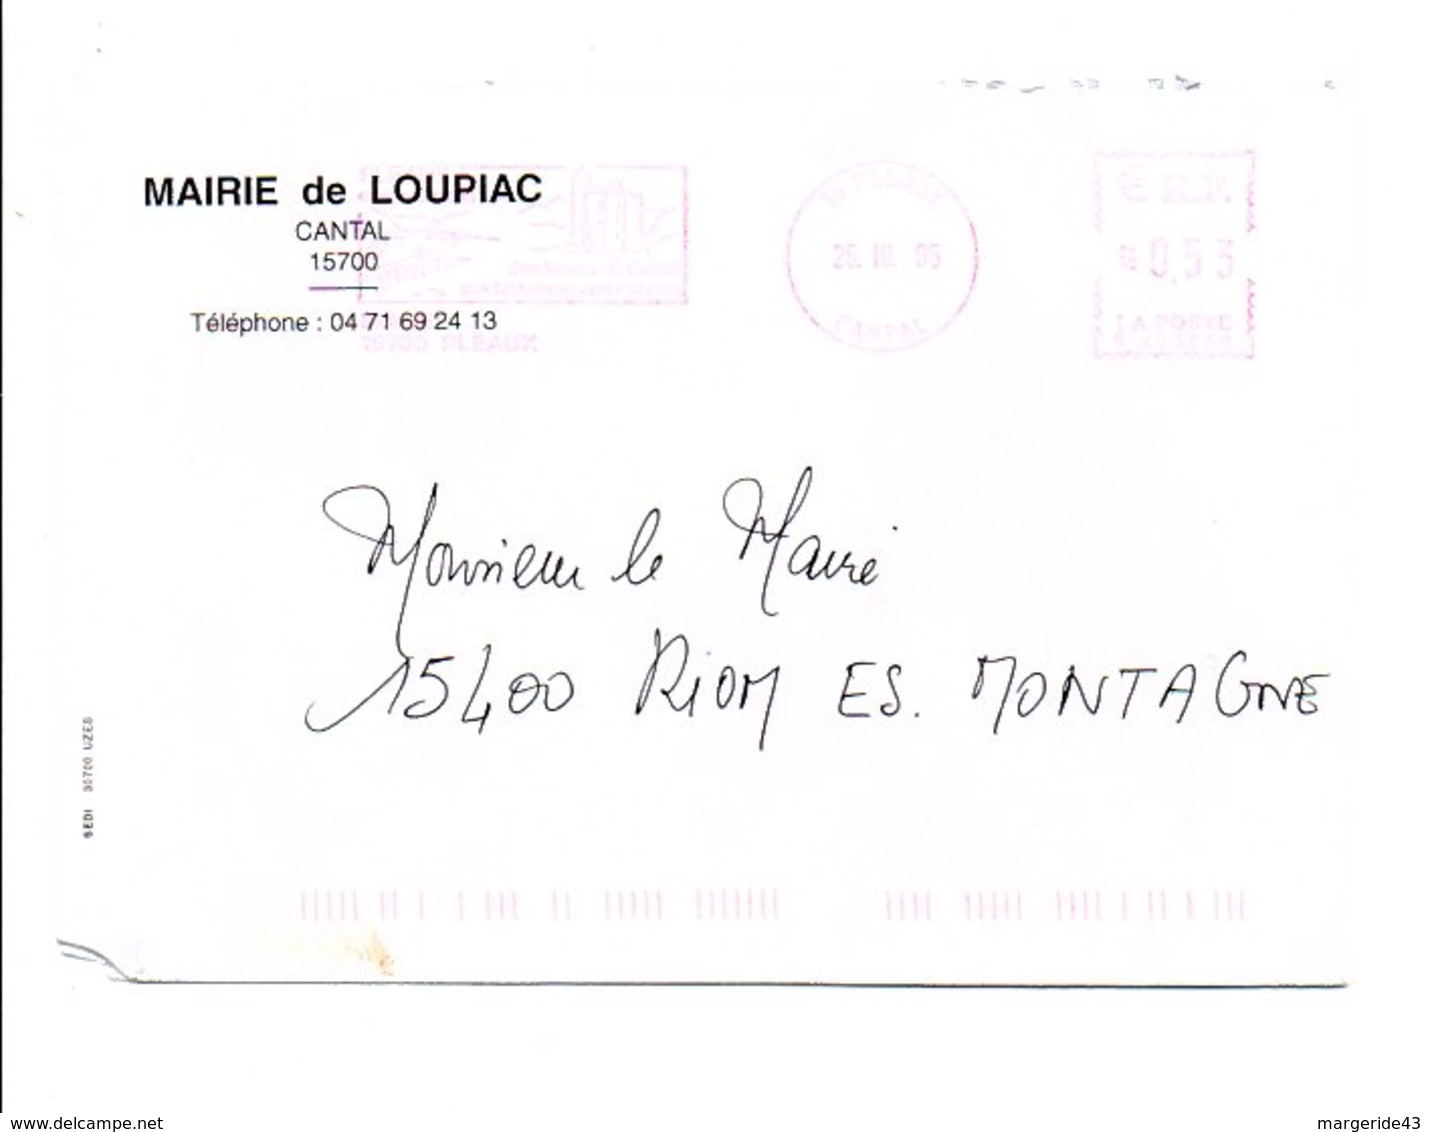 LETTRE DE MAIRIE DE LOUPIAC CANTAL - Marcophilie (Lettres)